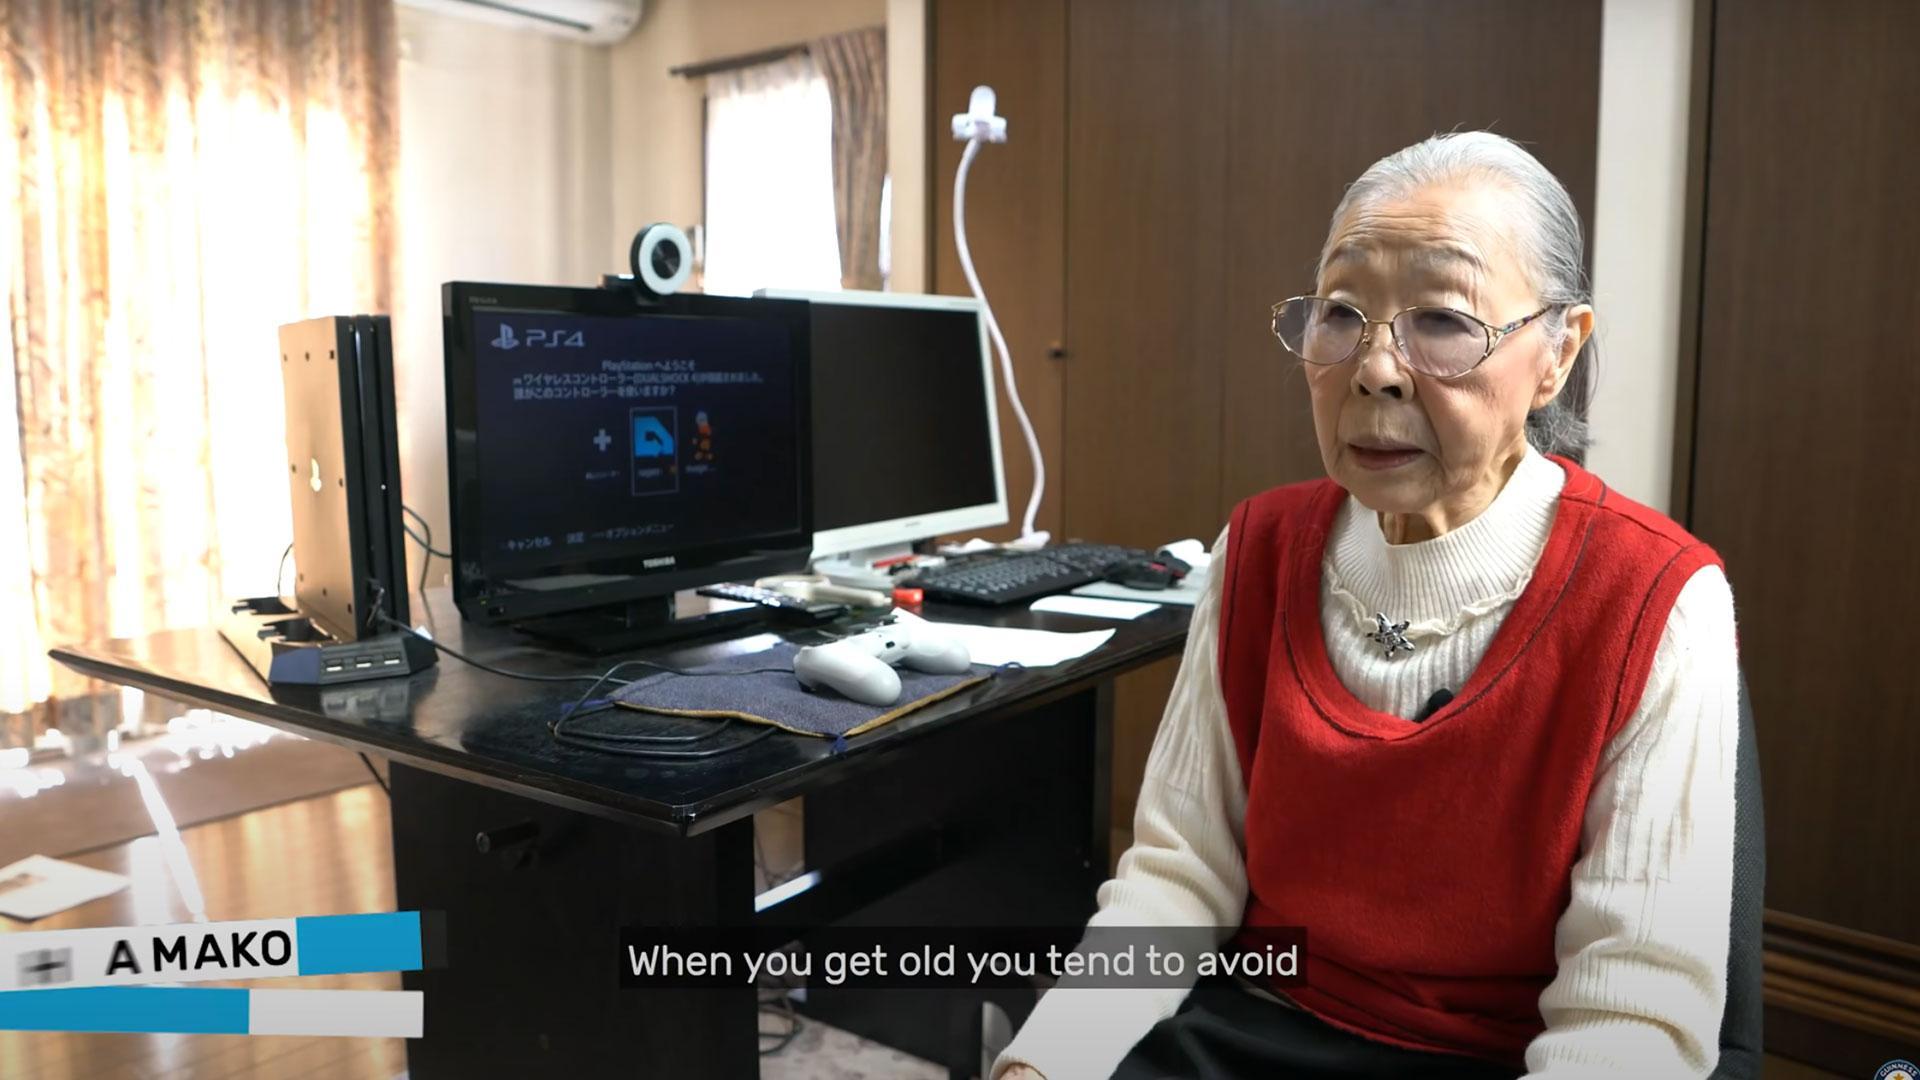 Oudste streamer ter wereld is gek op GTA